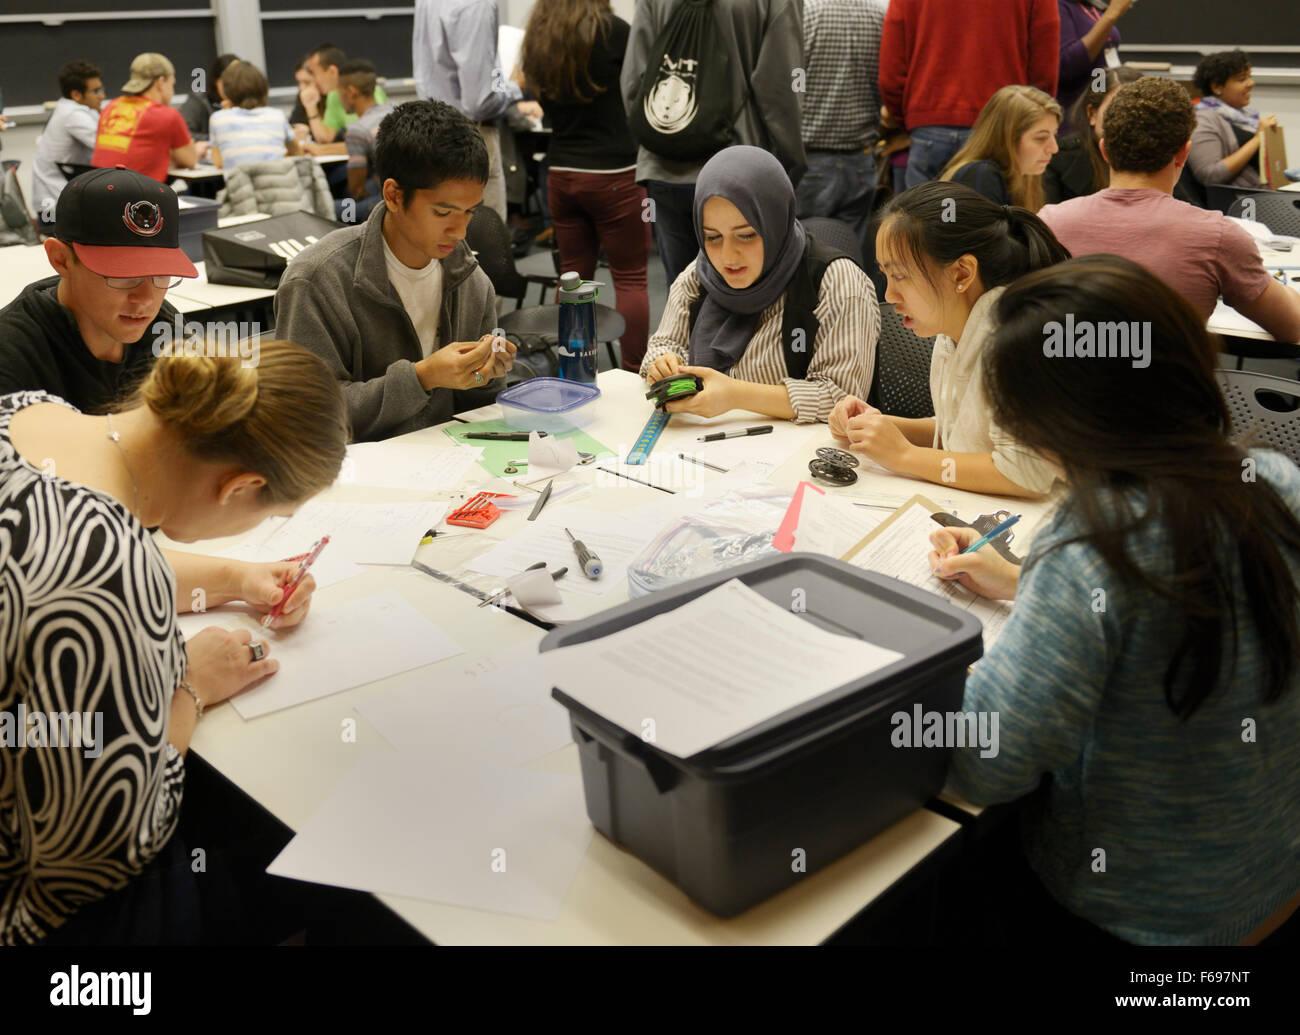 College classroom, ingegneria elettrica classe con etniche e di diversità di genere - un gruppo di studenti Immagini Stock